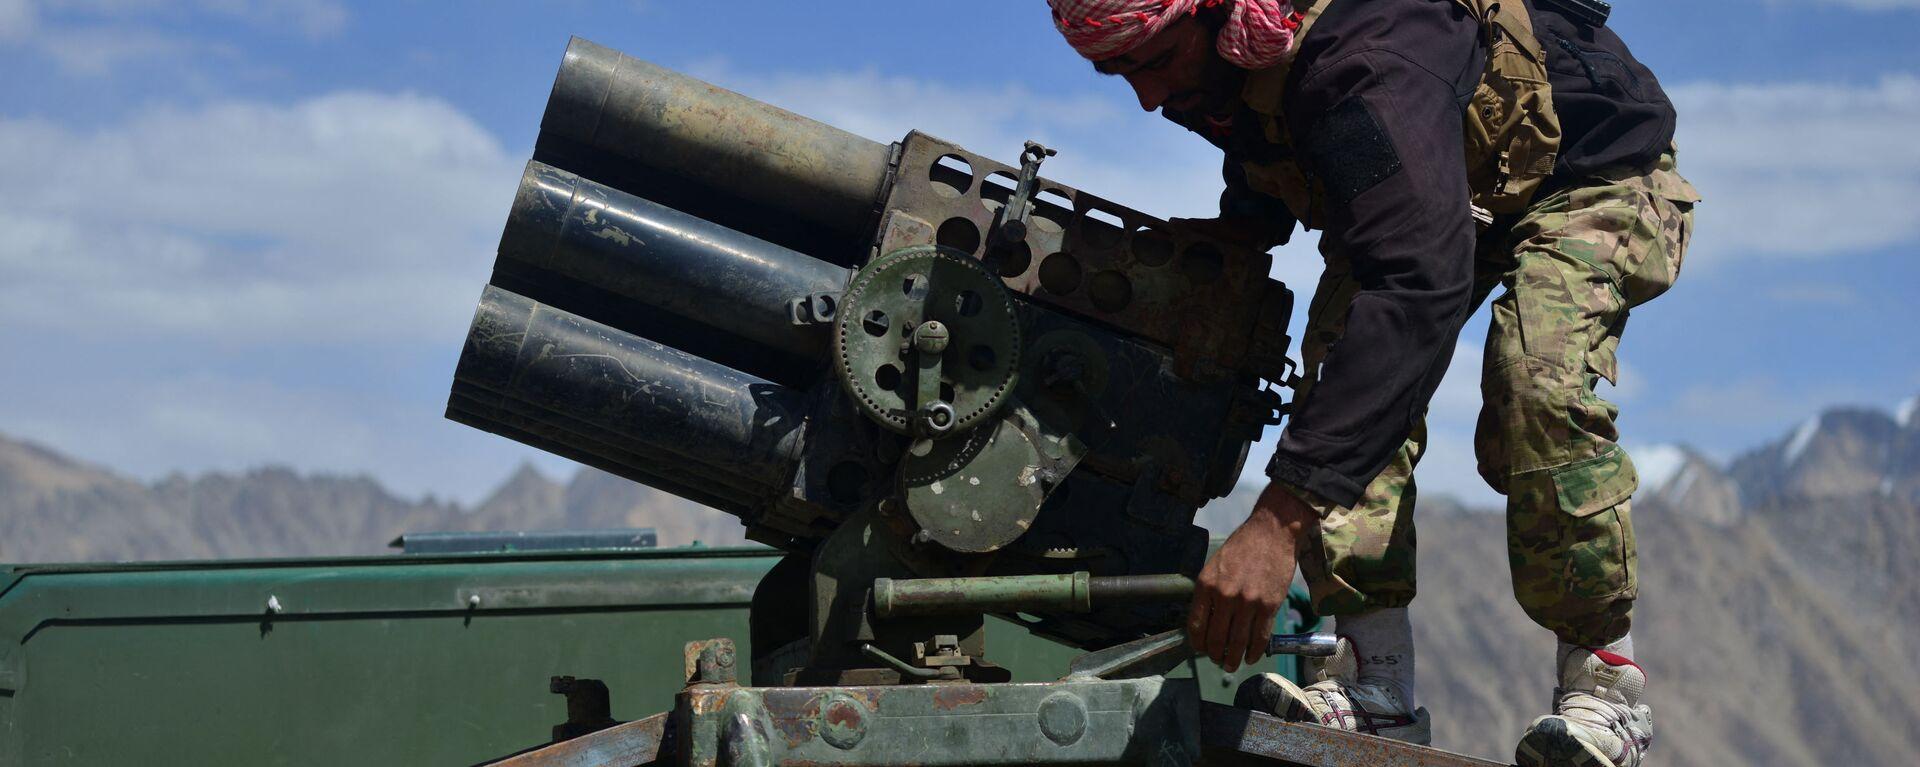 Афганское движение сопротивления в провинции Панджшер, Афганистан - Sputnik Таджикистан, 1920, 01.09.2021